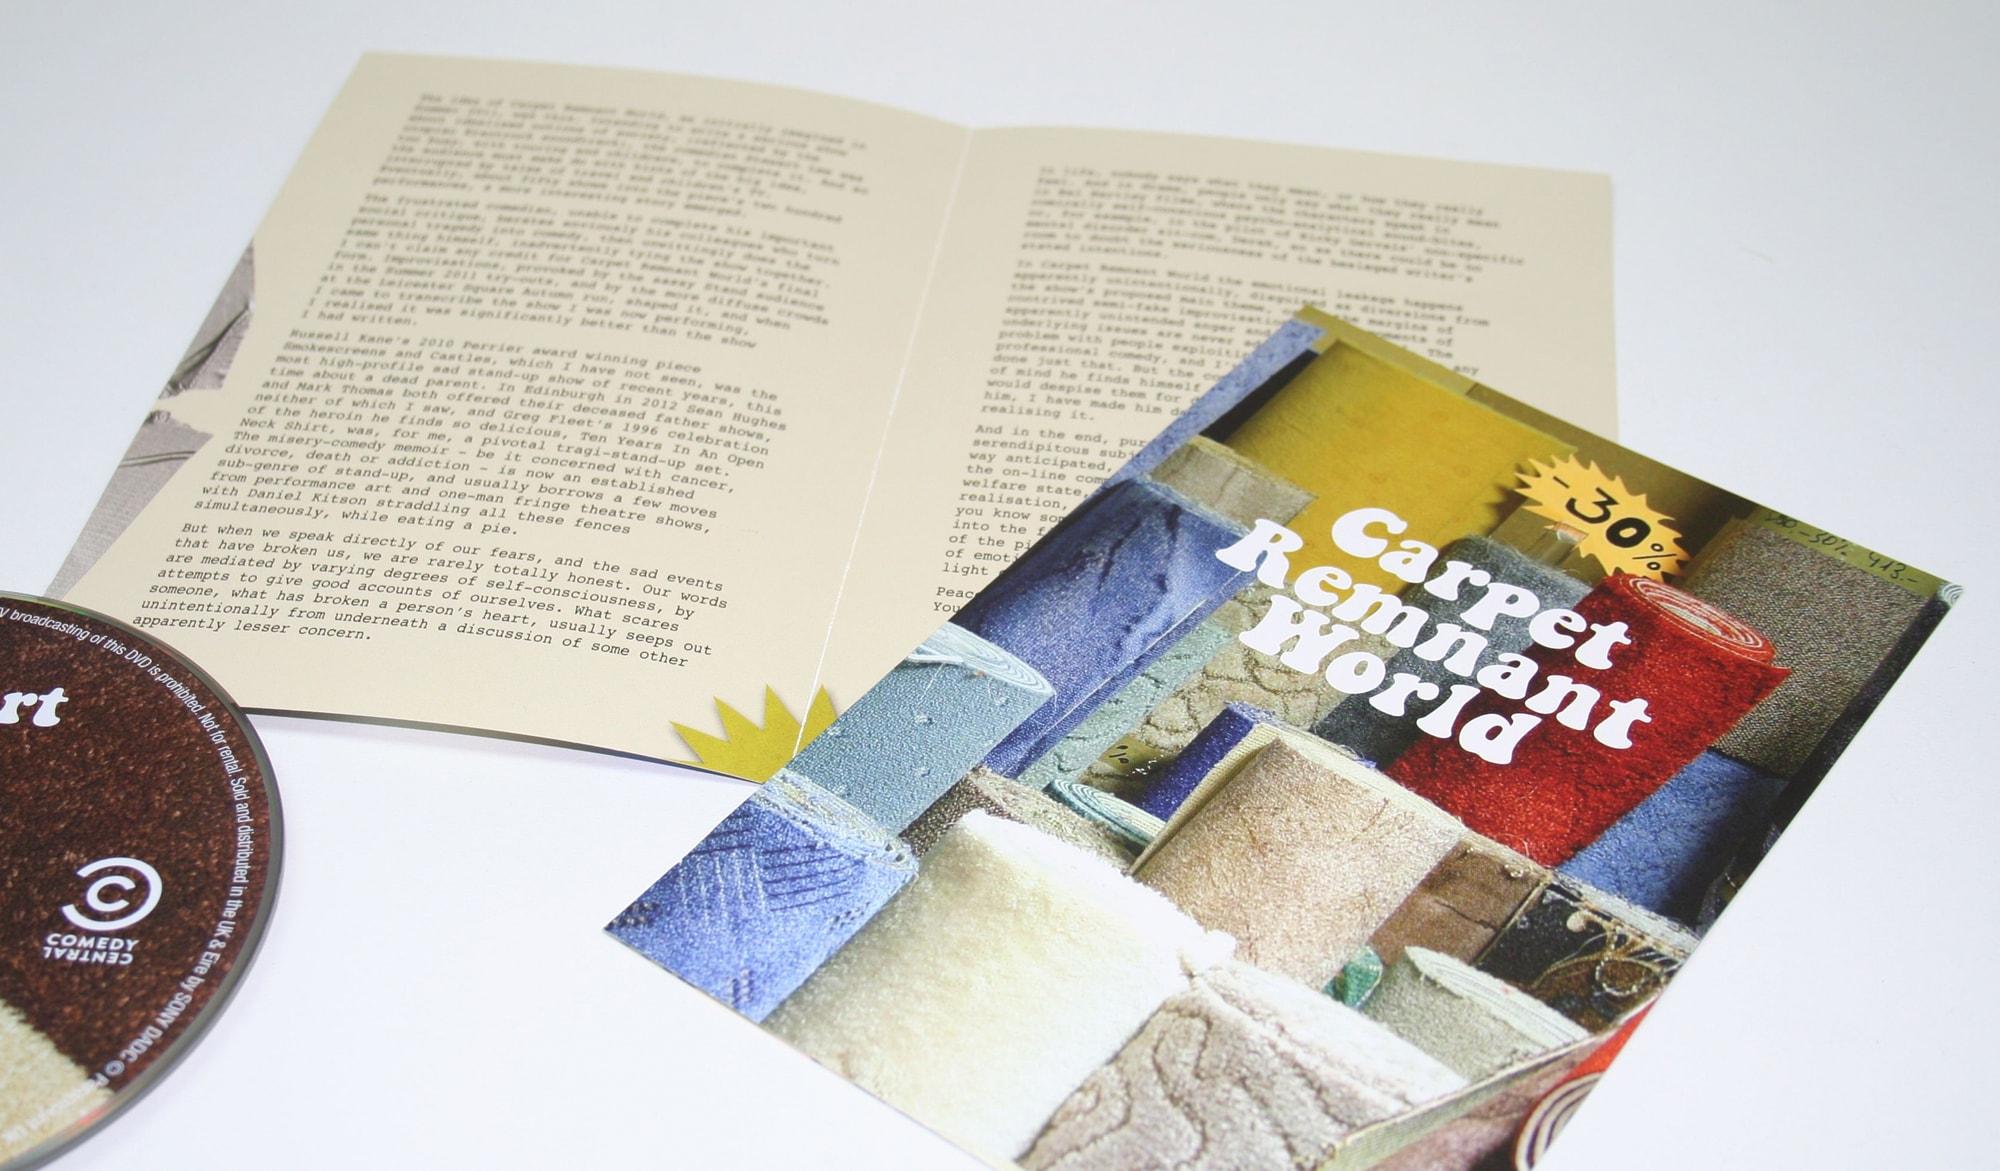 Stewart Lee - carpet world DVD - booklet